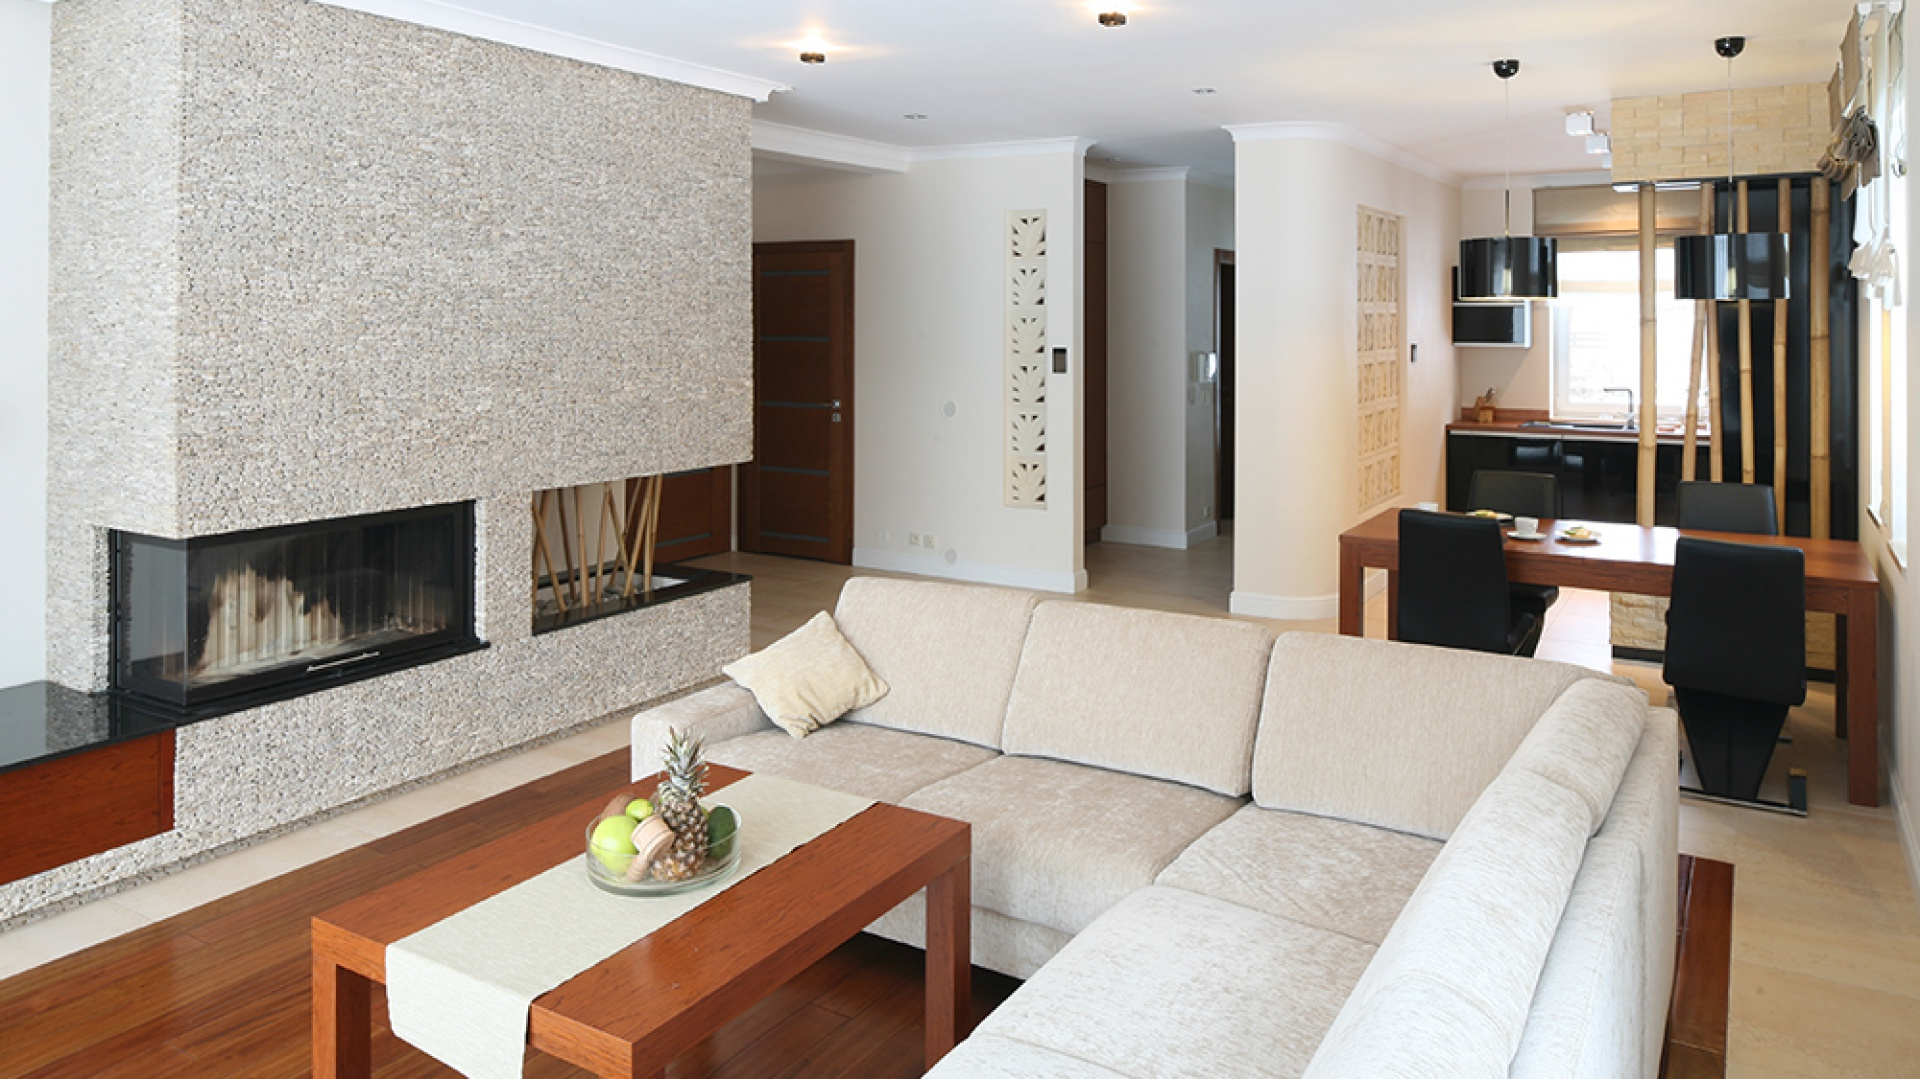 Kominek o sporej bryle organizuje przestrzeń salonu, dodaje ciepła i tworzy naturalny klimat, co podkreśla okładzina z kamienia. Fot. Bartosz Jarosz.